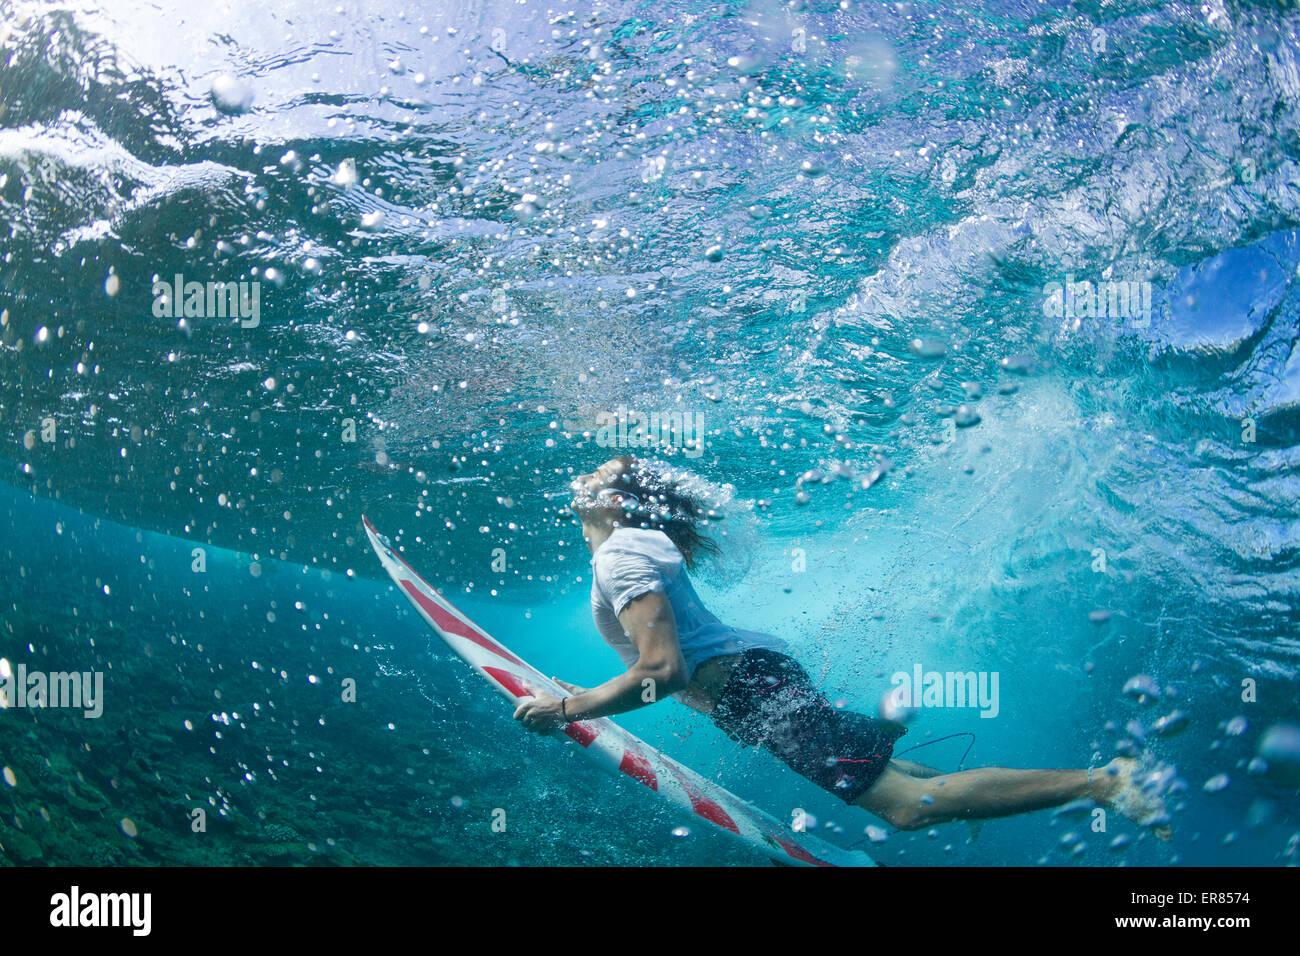 Unterwasser-Blick von einem Surfer Ente Tauchen unter einer Welle Stockbild